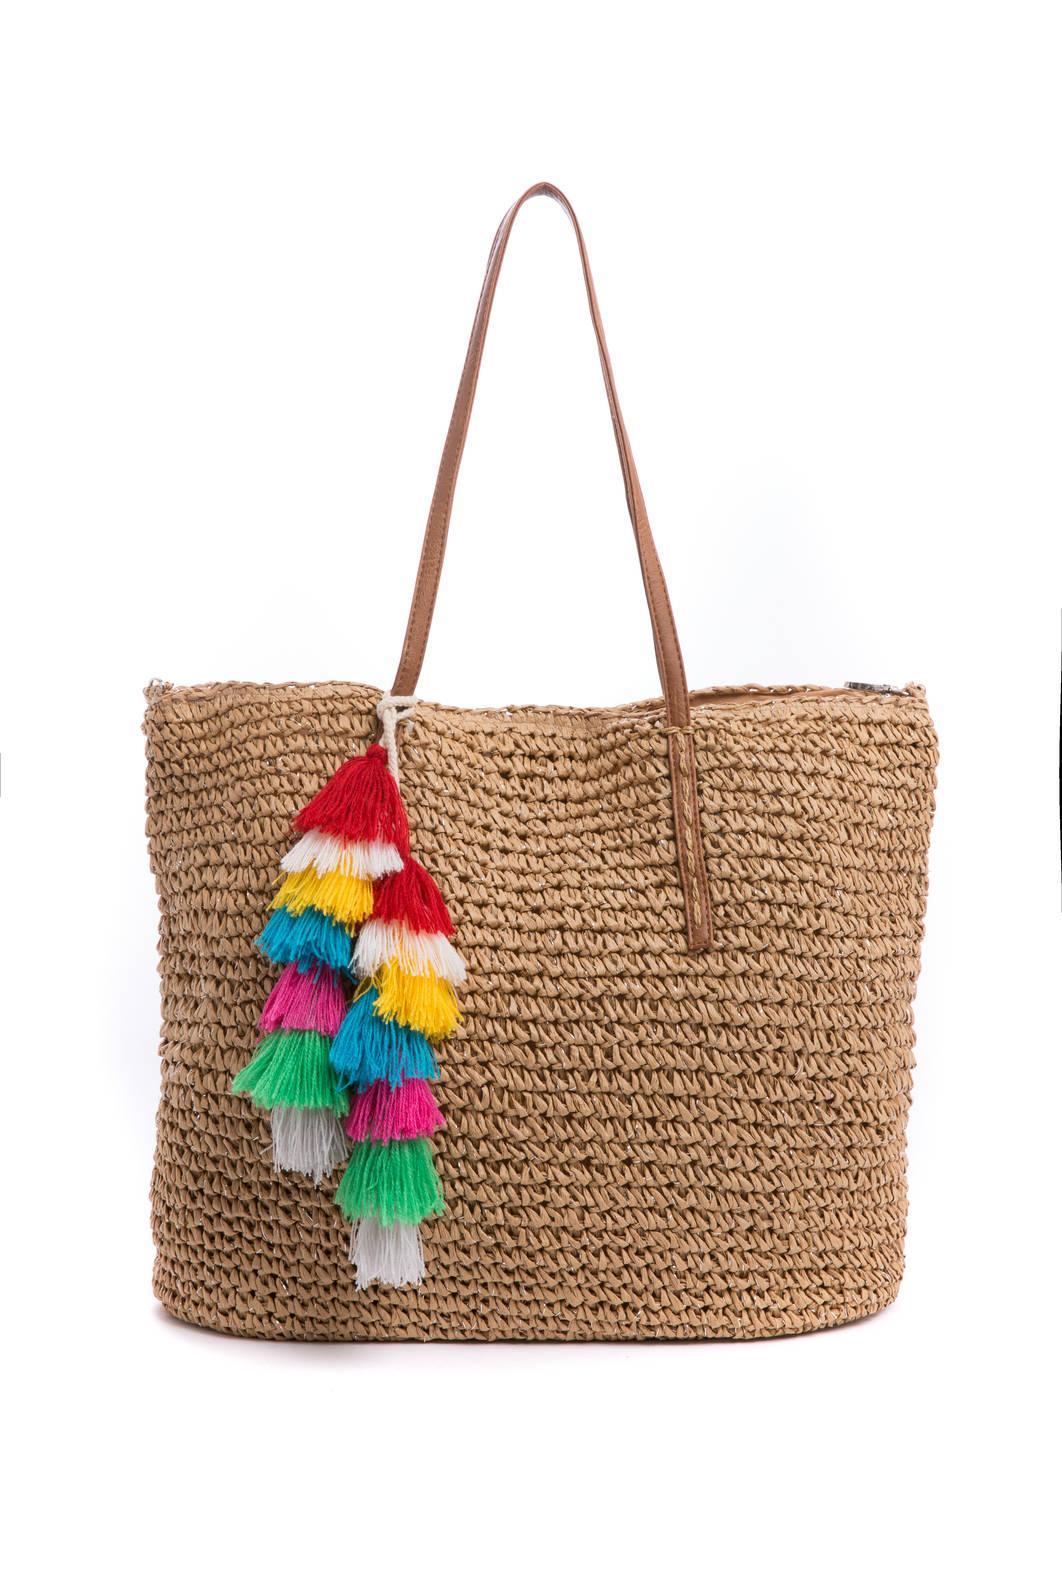 Icaria Green and Natural Raffia Beach Bag mA6Hmg91WU